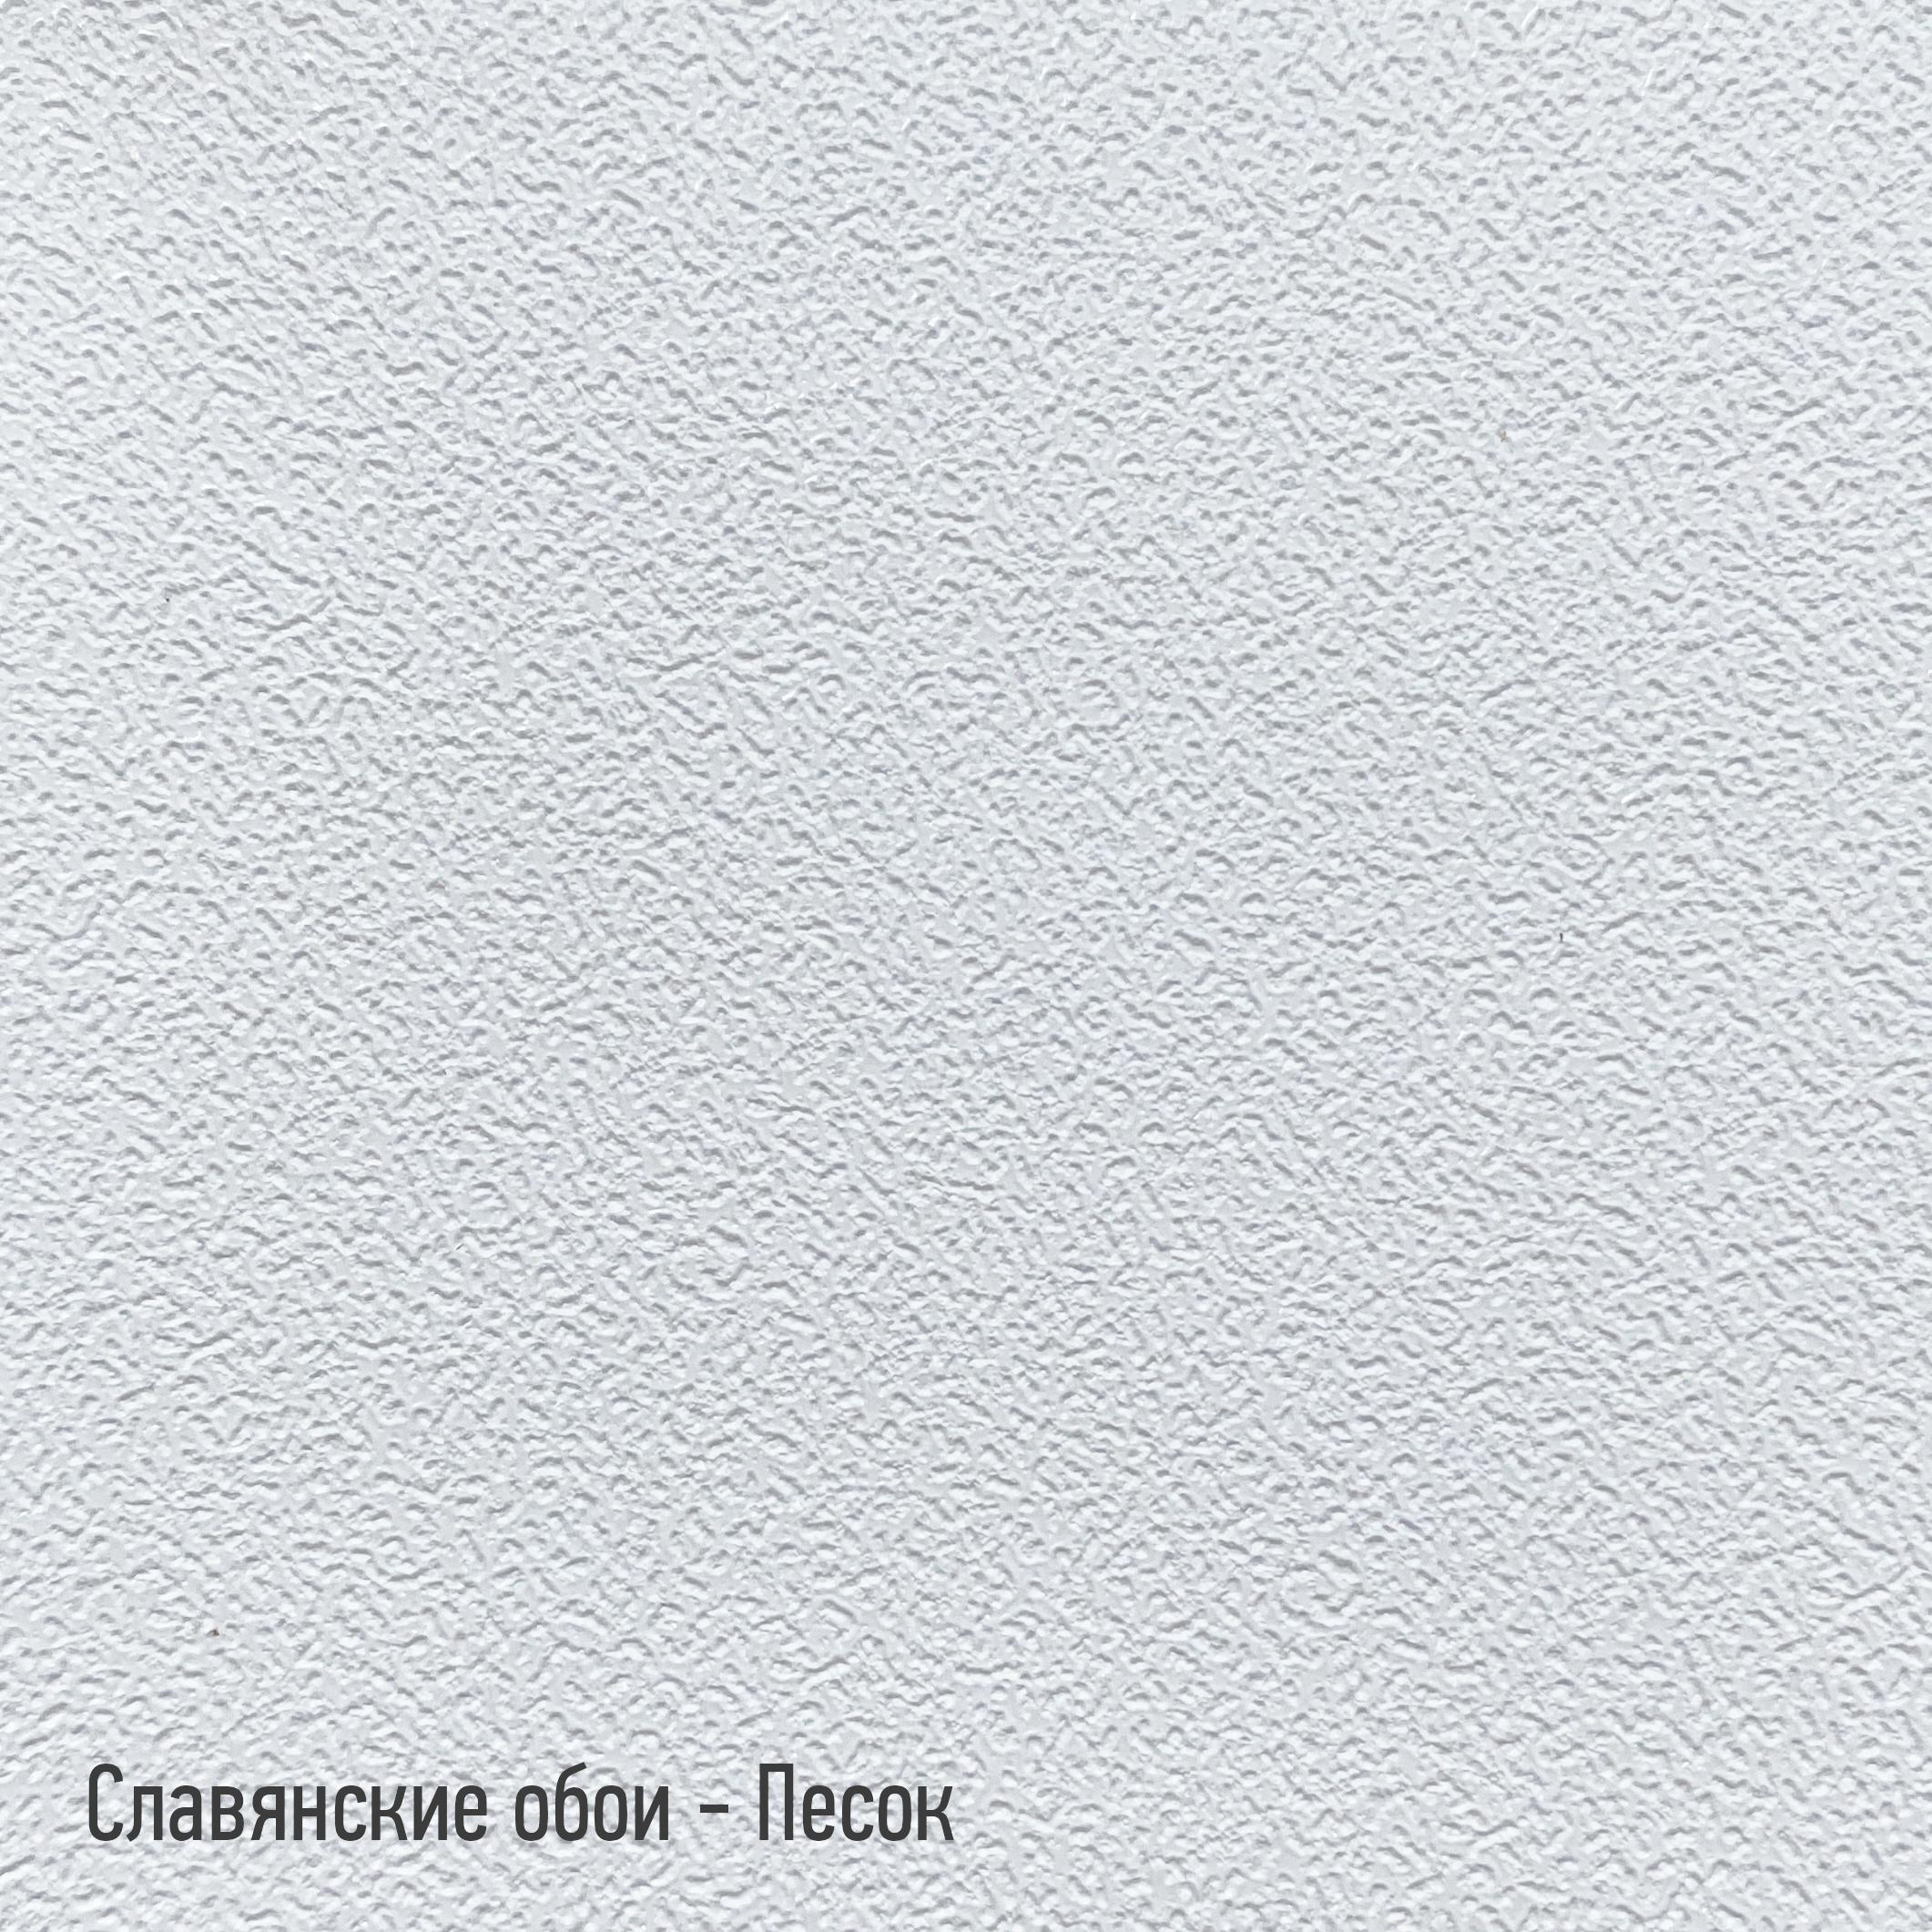 Славянские обои Песок - фото №1